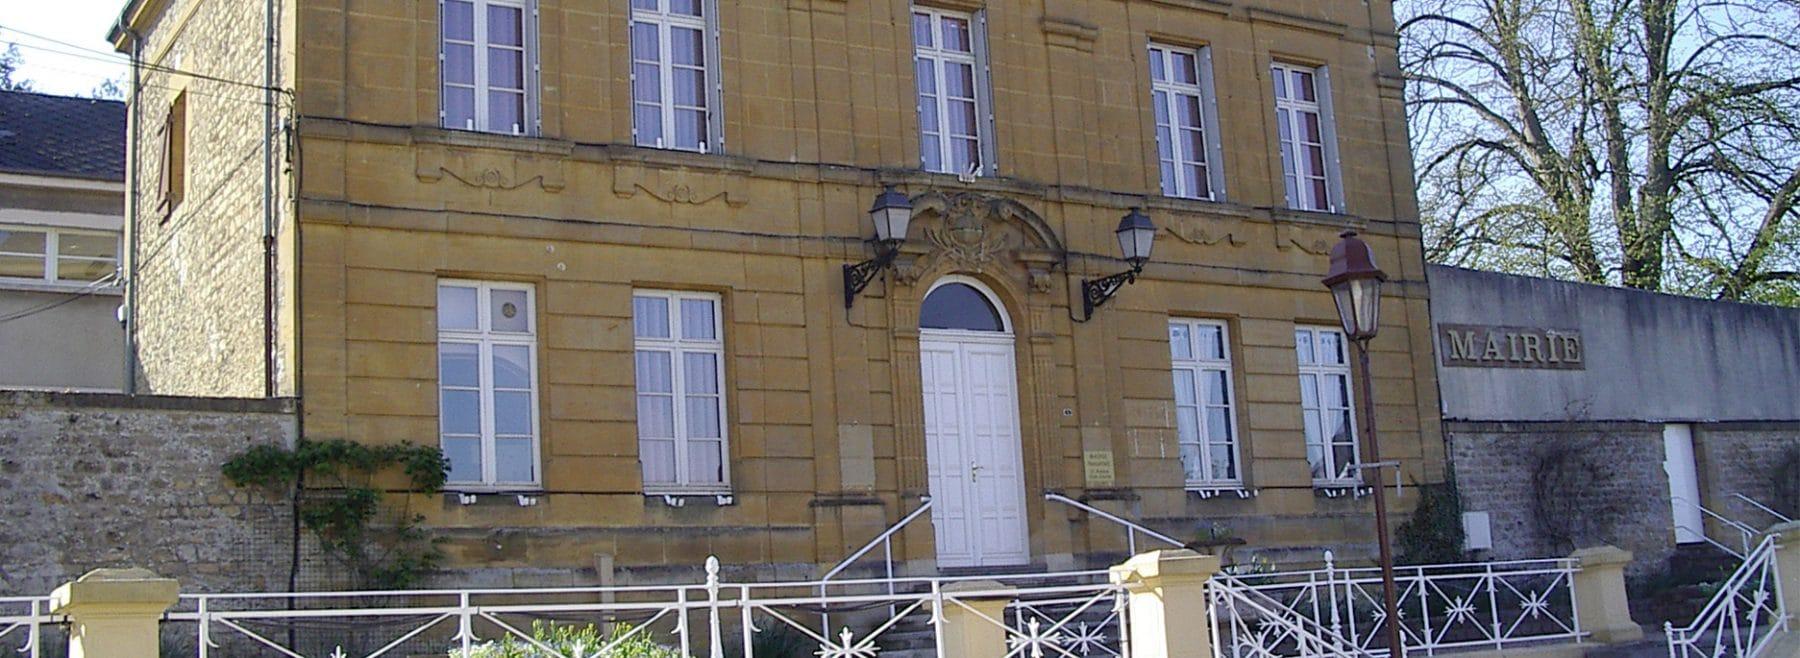 constructeur de maison Vrigne-aux-Bois